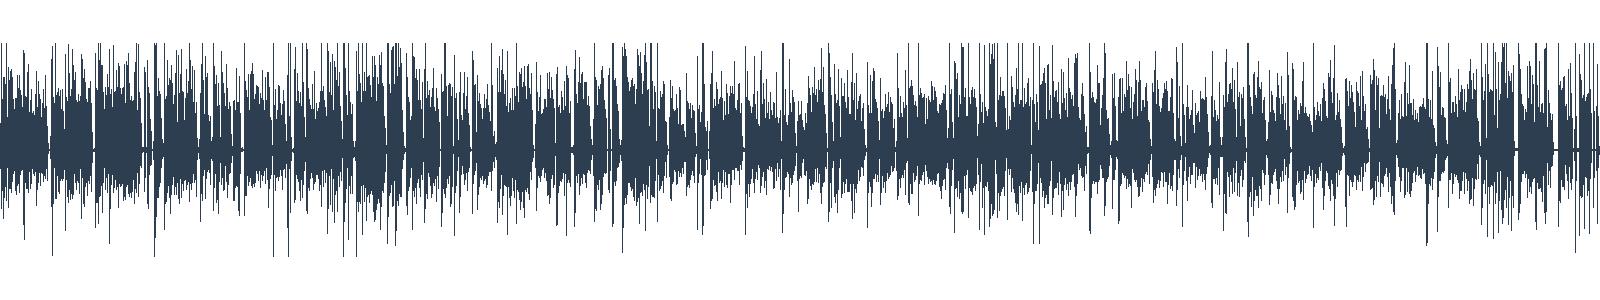 Sto rokov samoty waveform